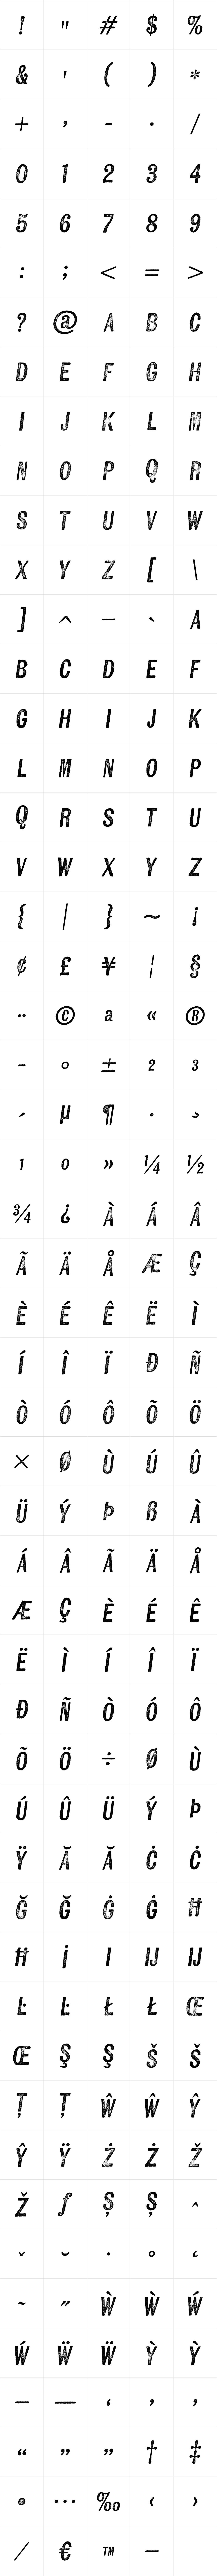 Kiln Sans Regular Italic